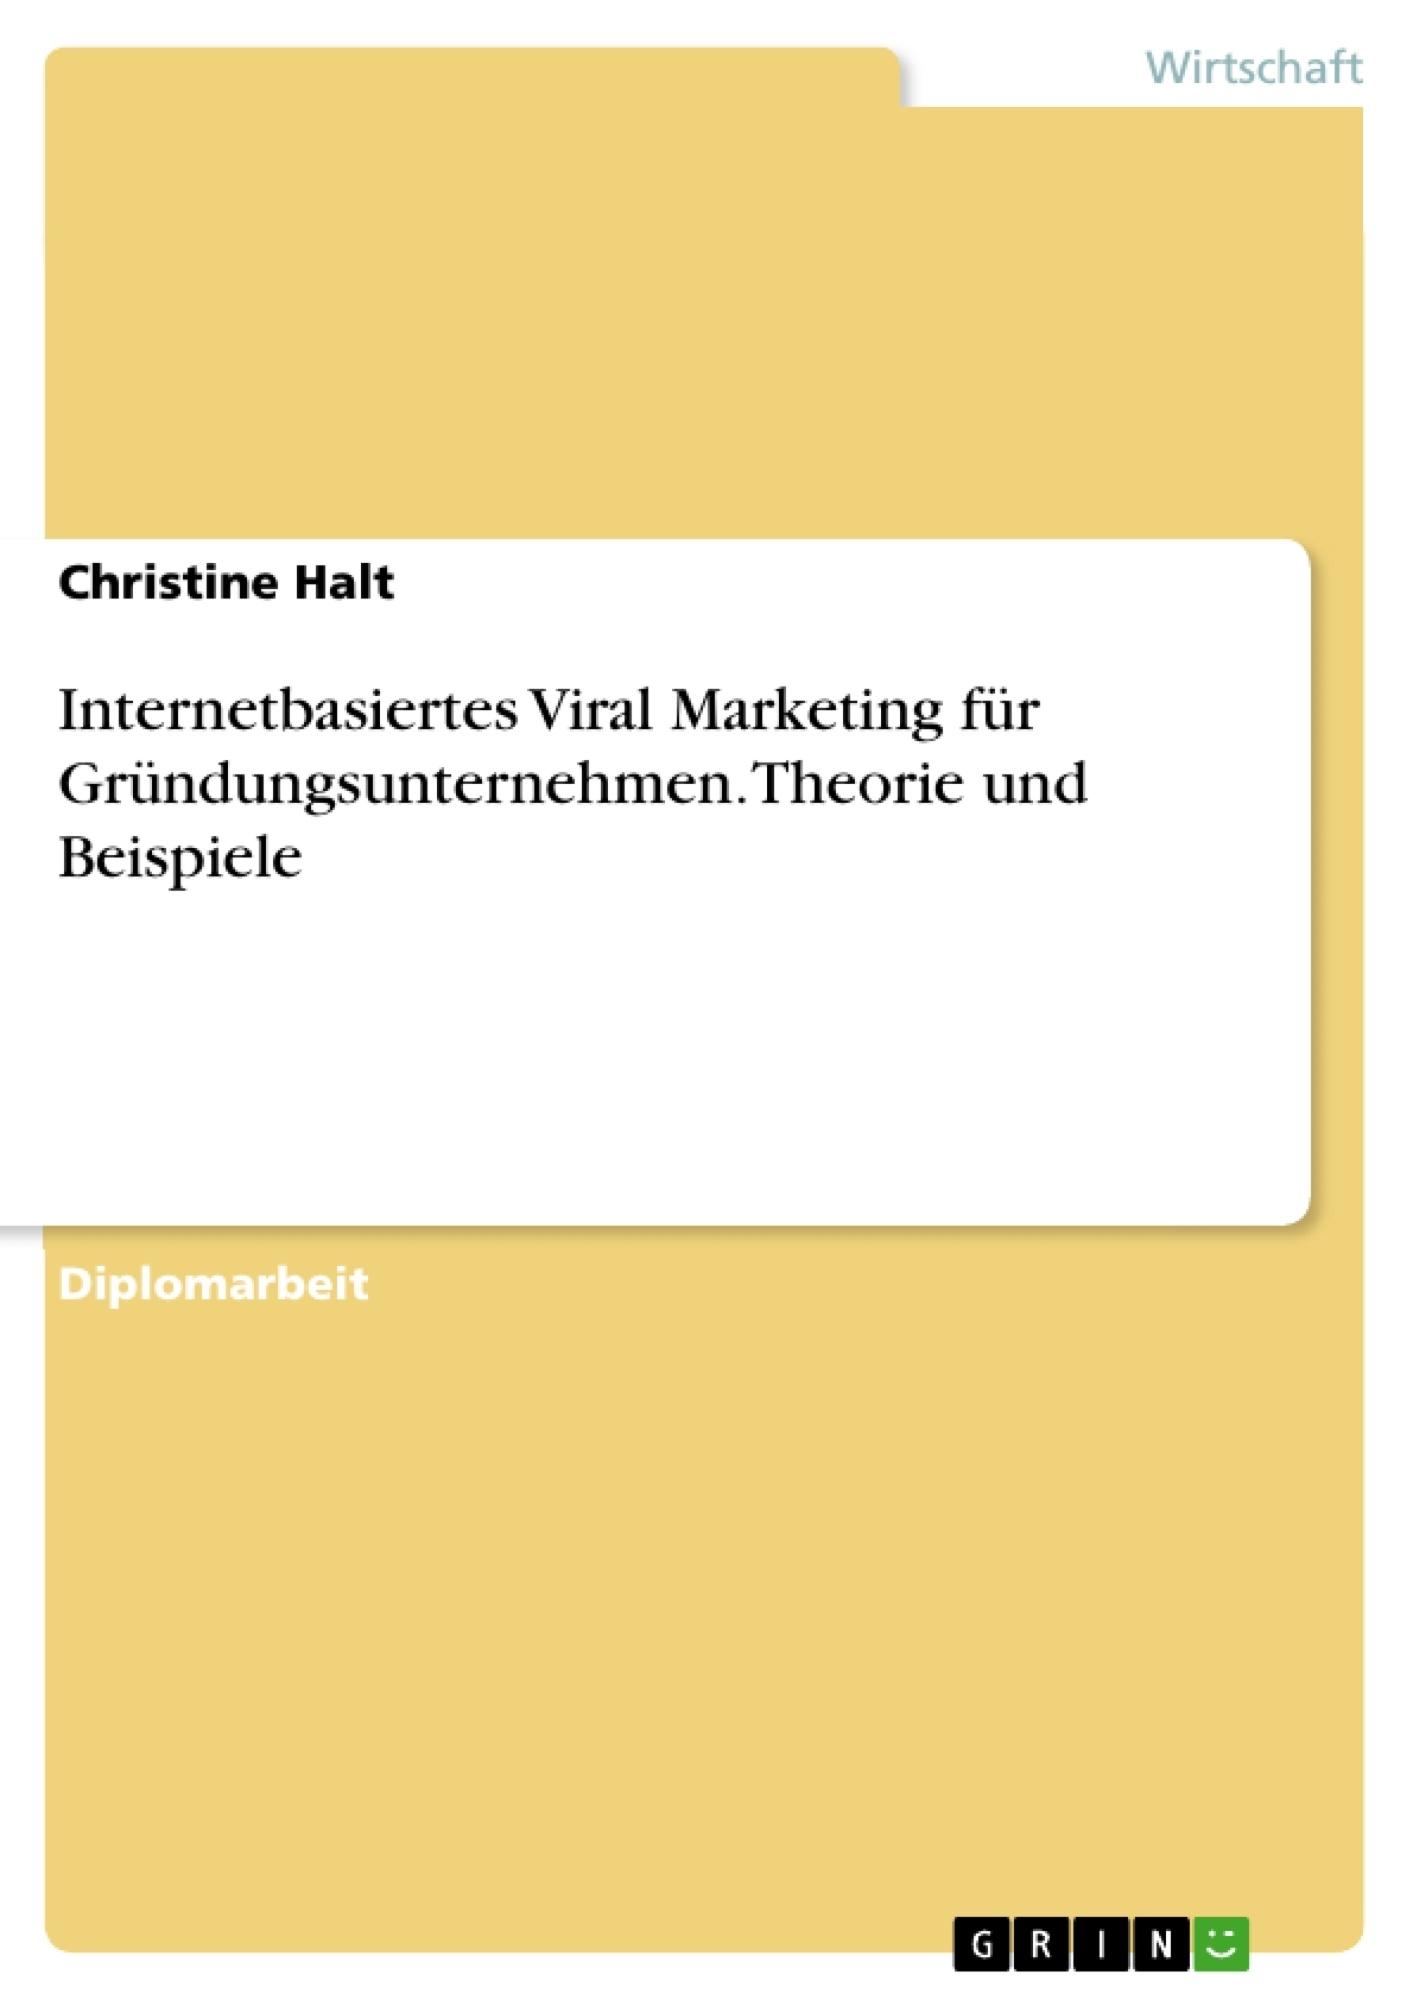 Titel: Internetbasiertes Viral Marketing für Gründungsunternehmen. Theorie und Beispiele